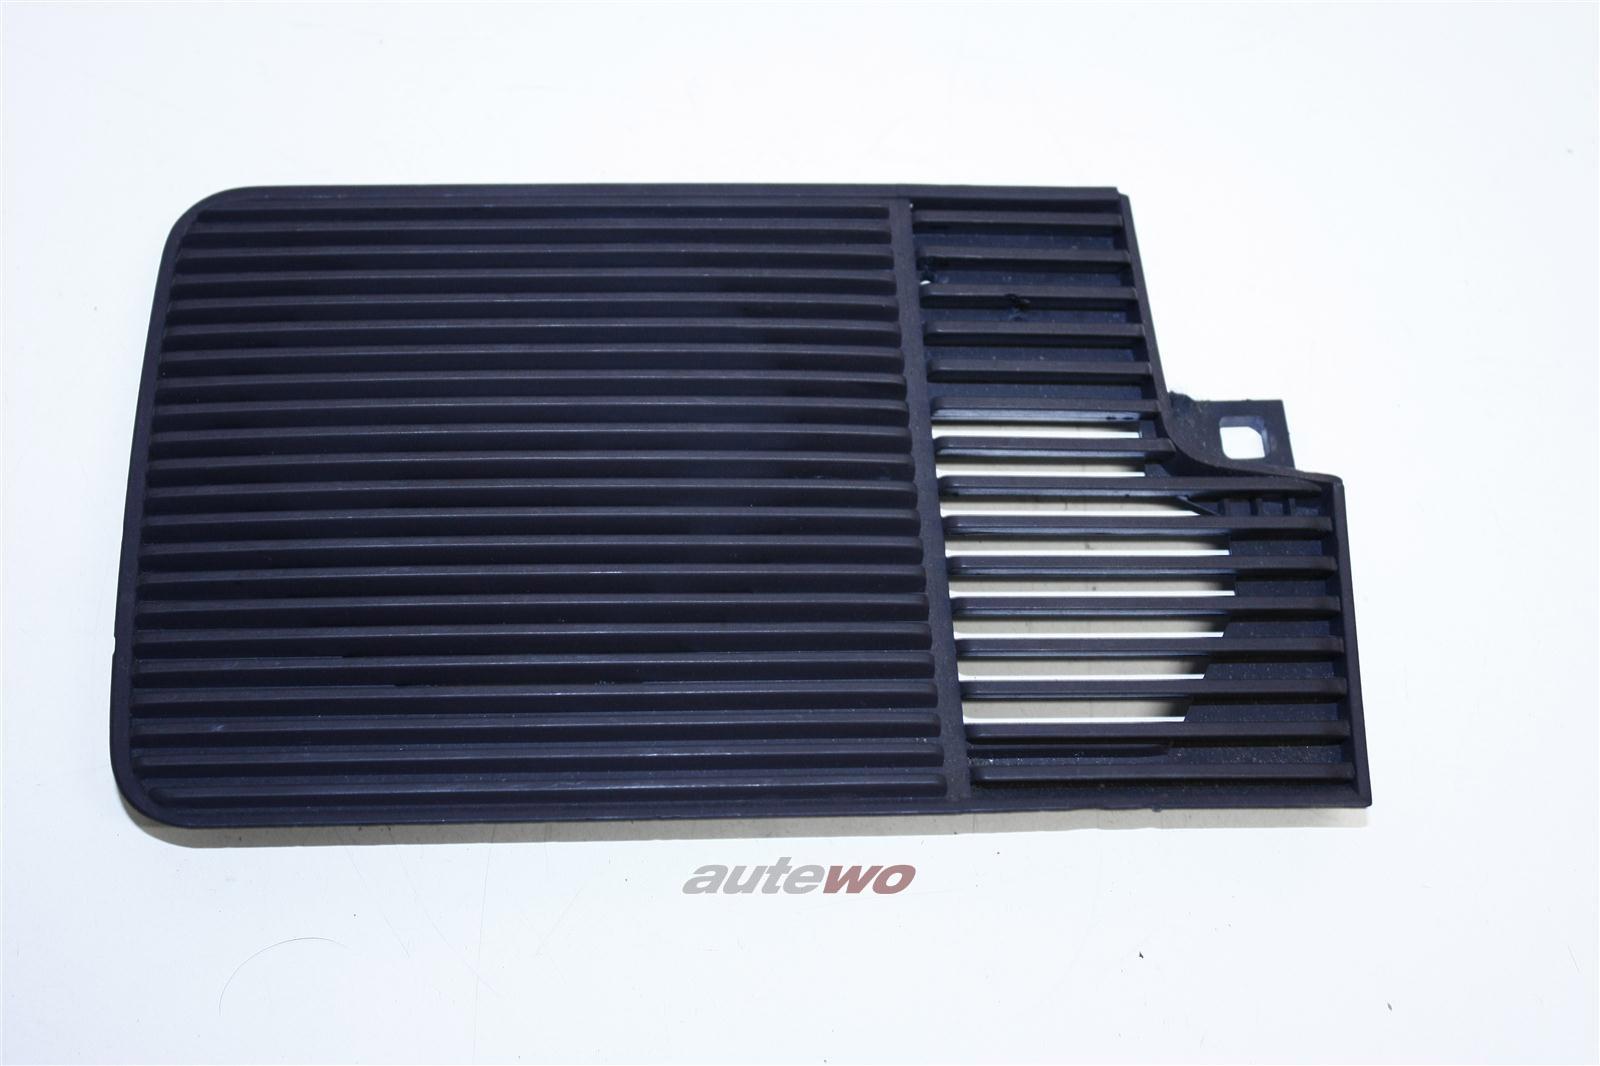 Audi 100/200 Typ 44 Gitter Lautsprecher Amaturenbrett Rechts negro 443035420